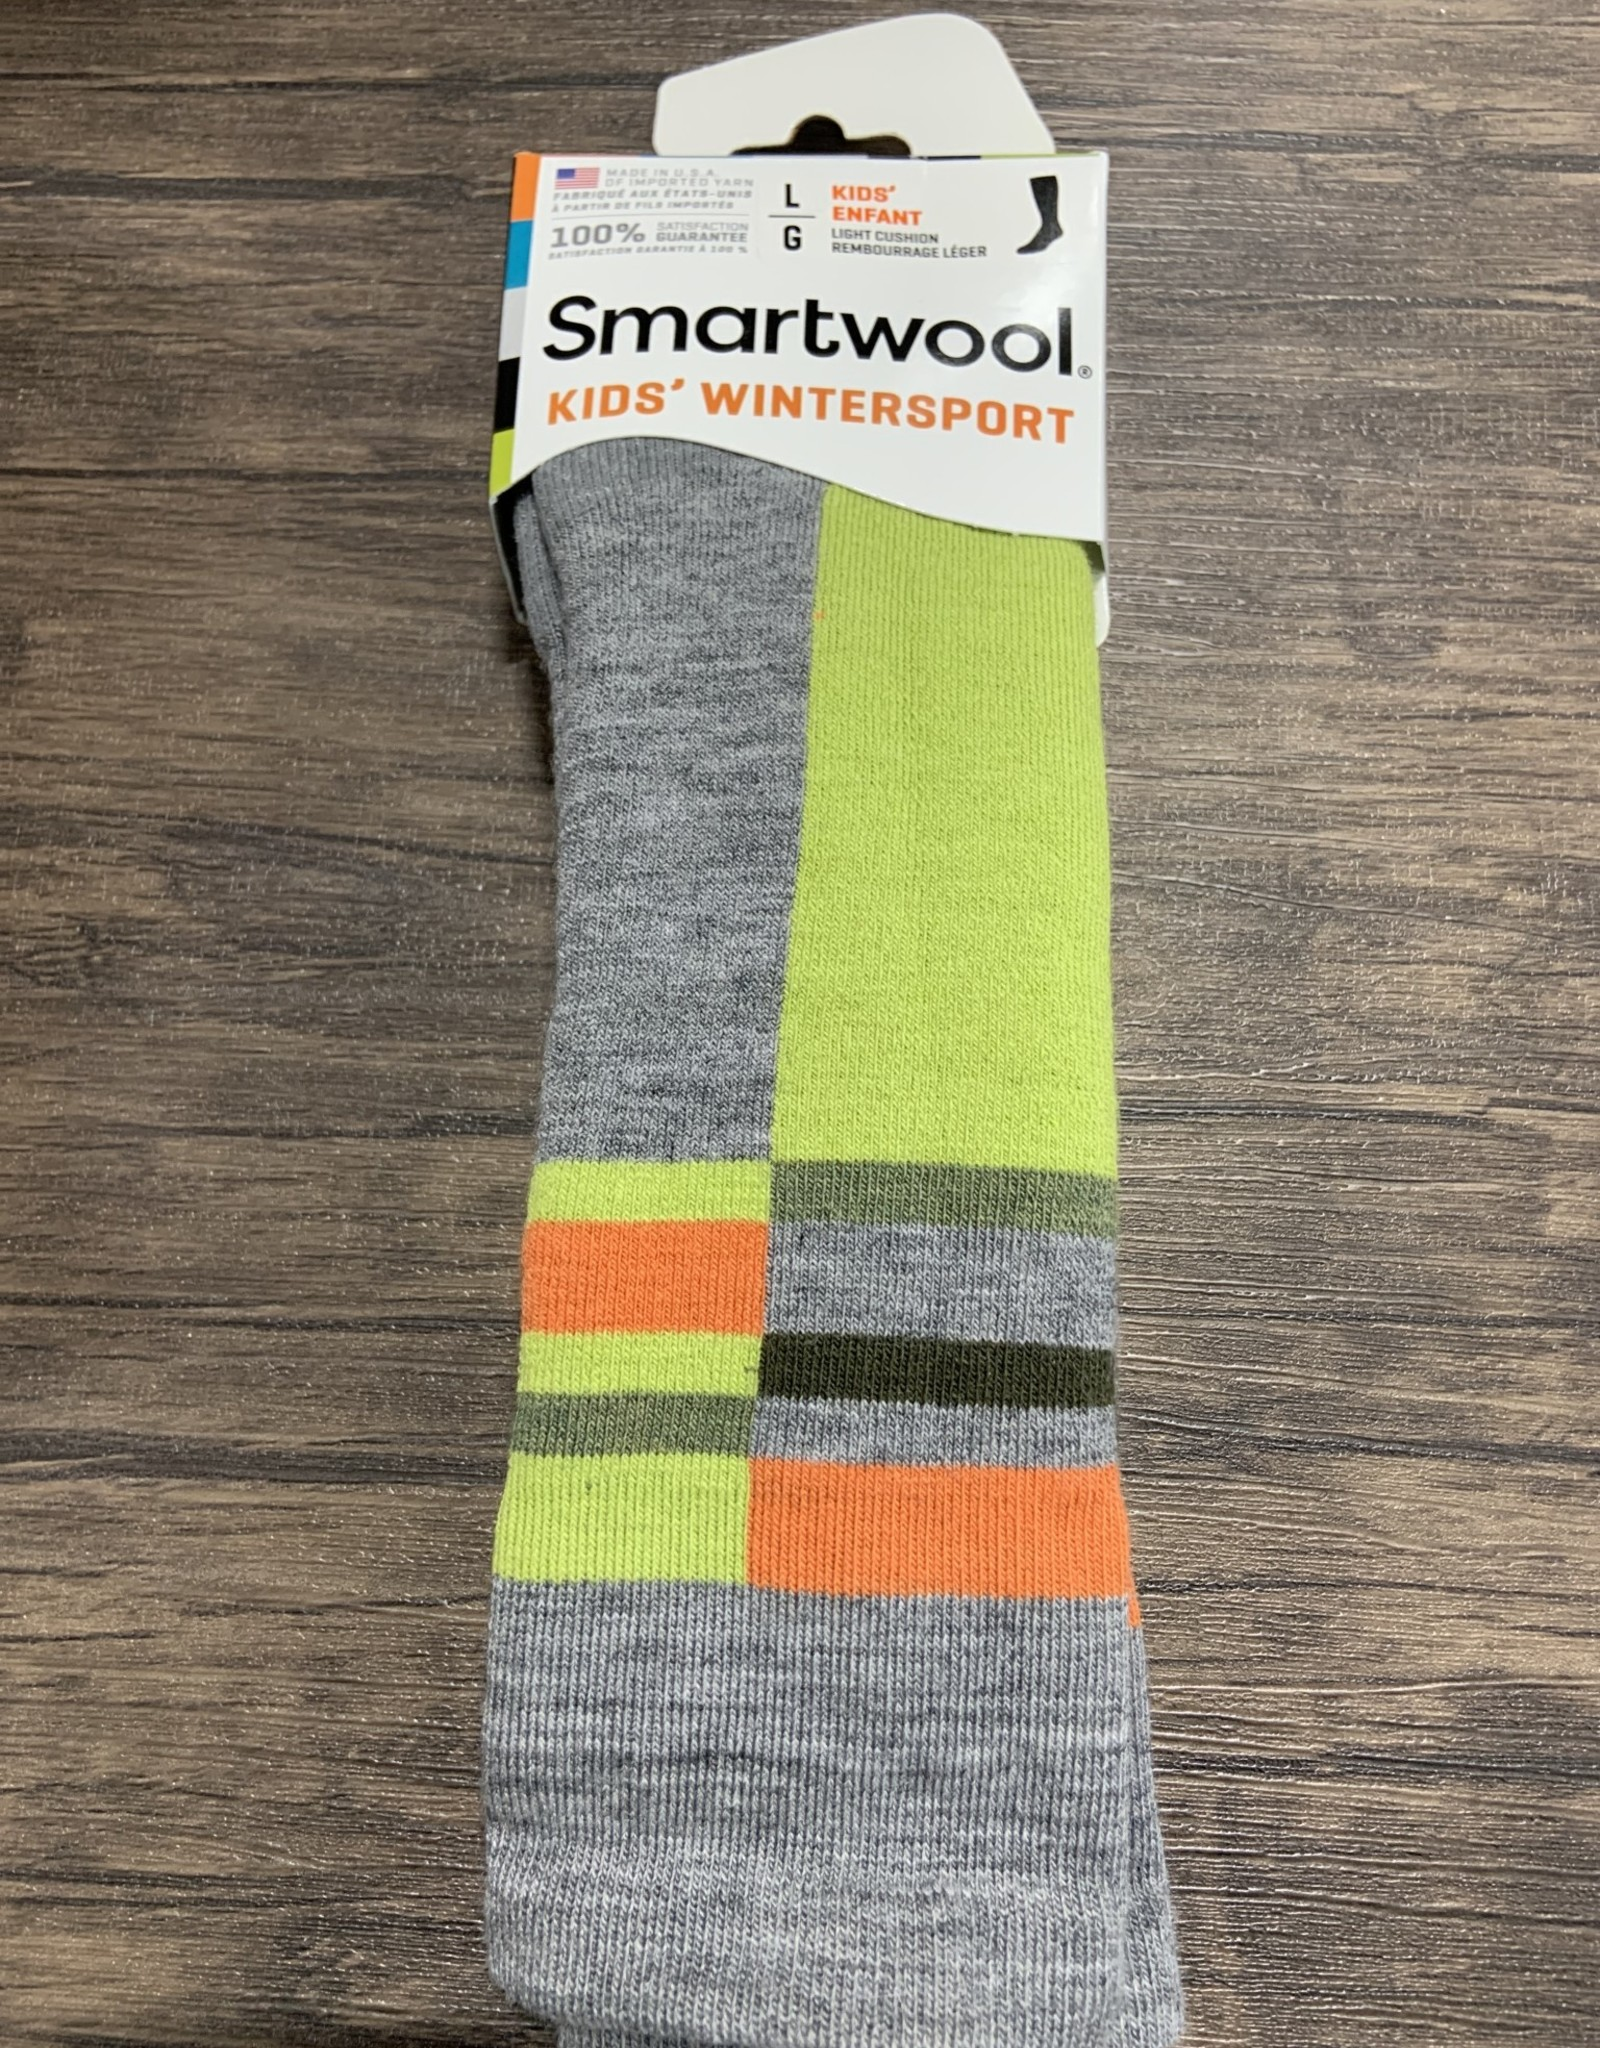 SMARTWOOL SmartWool Kids' Wintersport Stripe